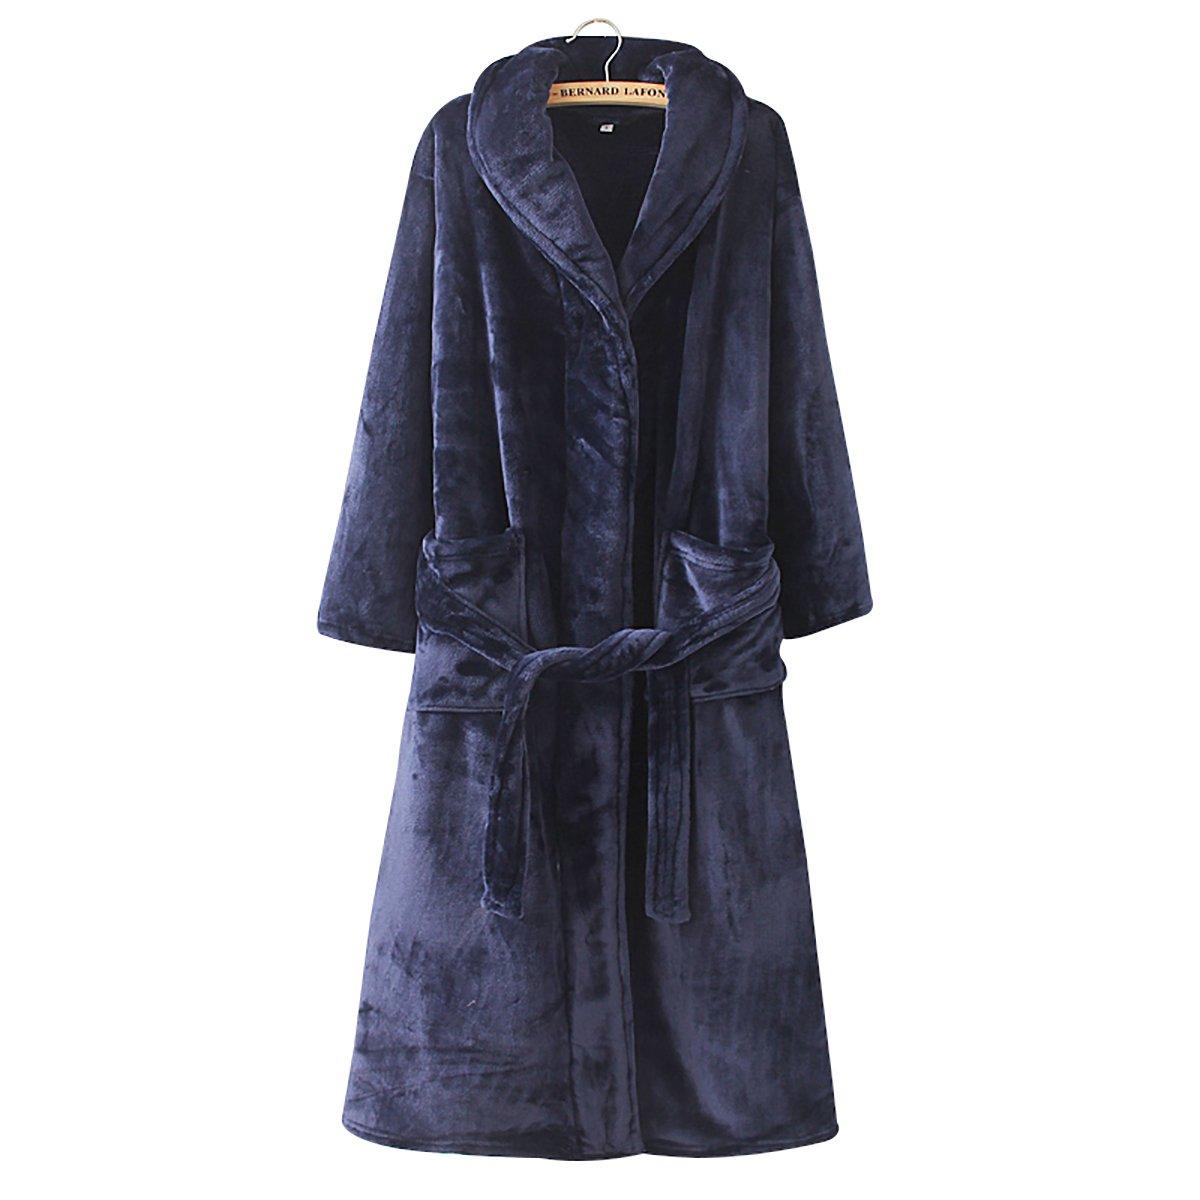 Cahayi Women Men Bathrobe Long Thick Plush Coral Fleece Robe Plus Size Winter CABR001